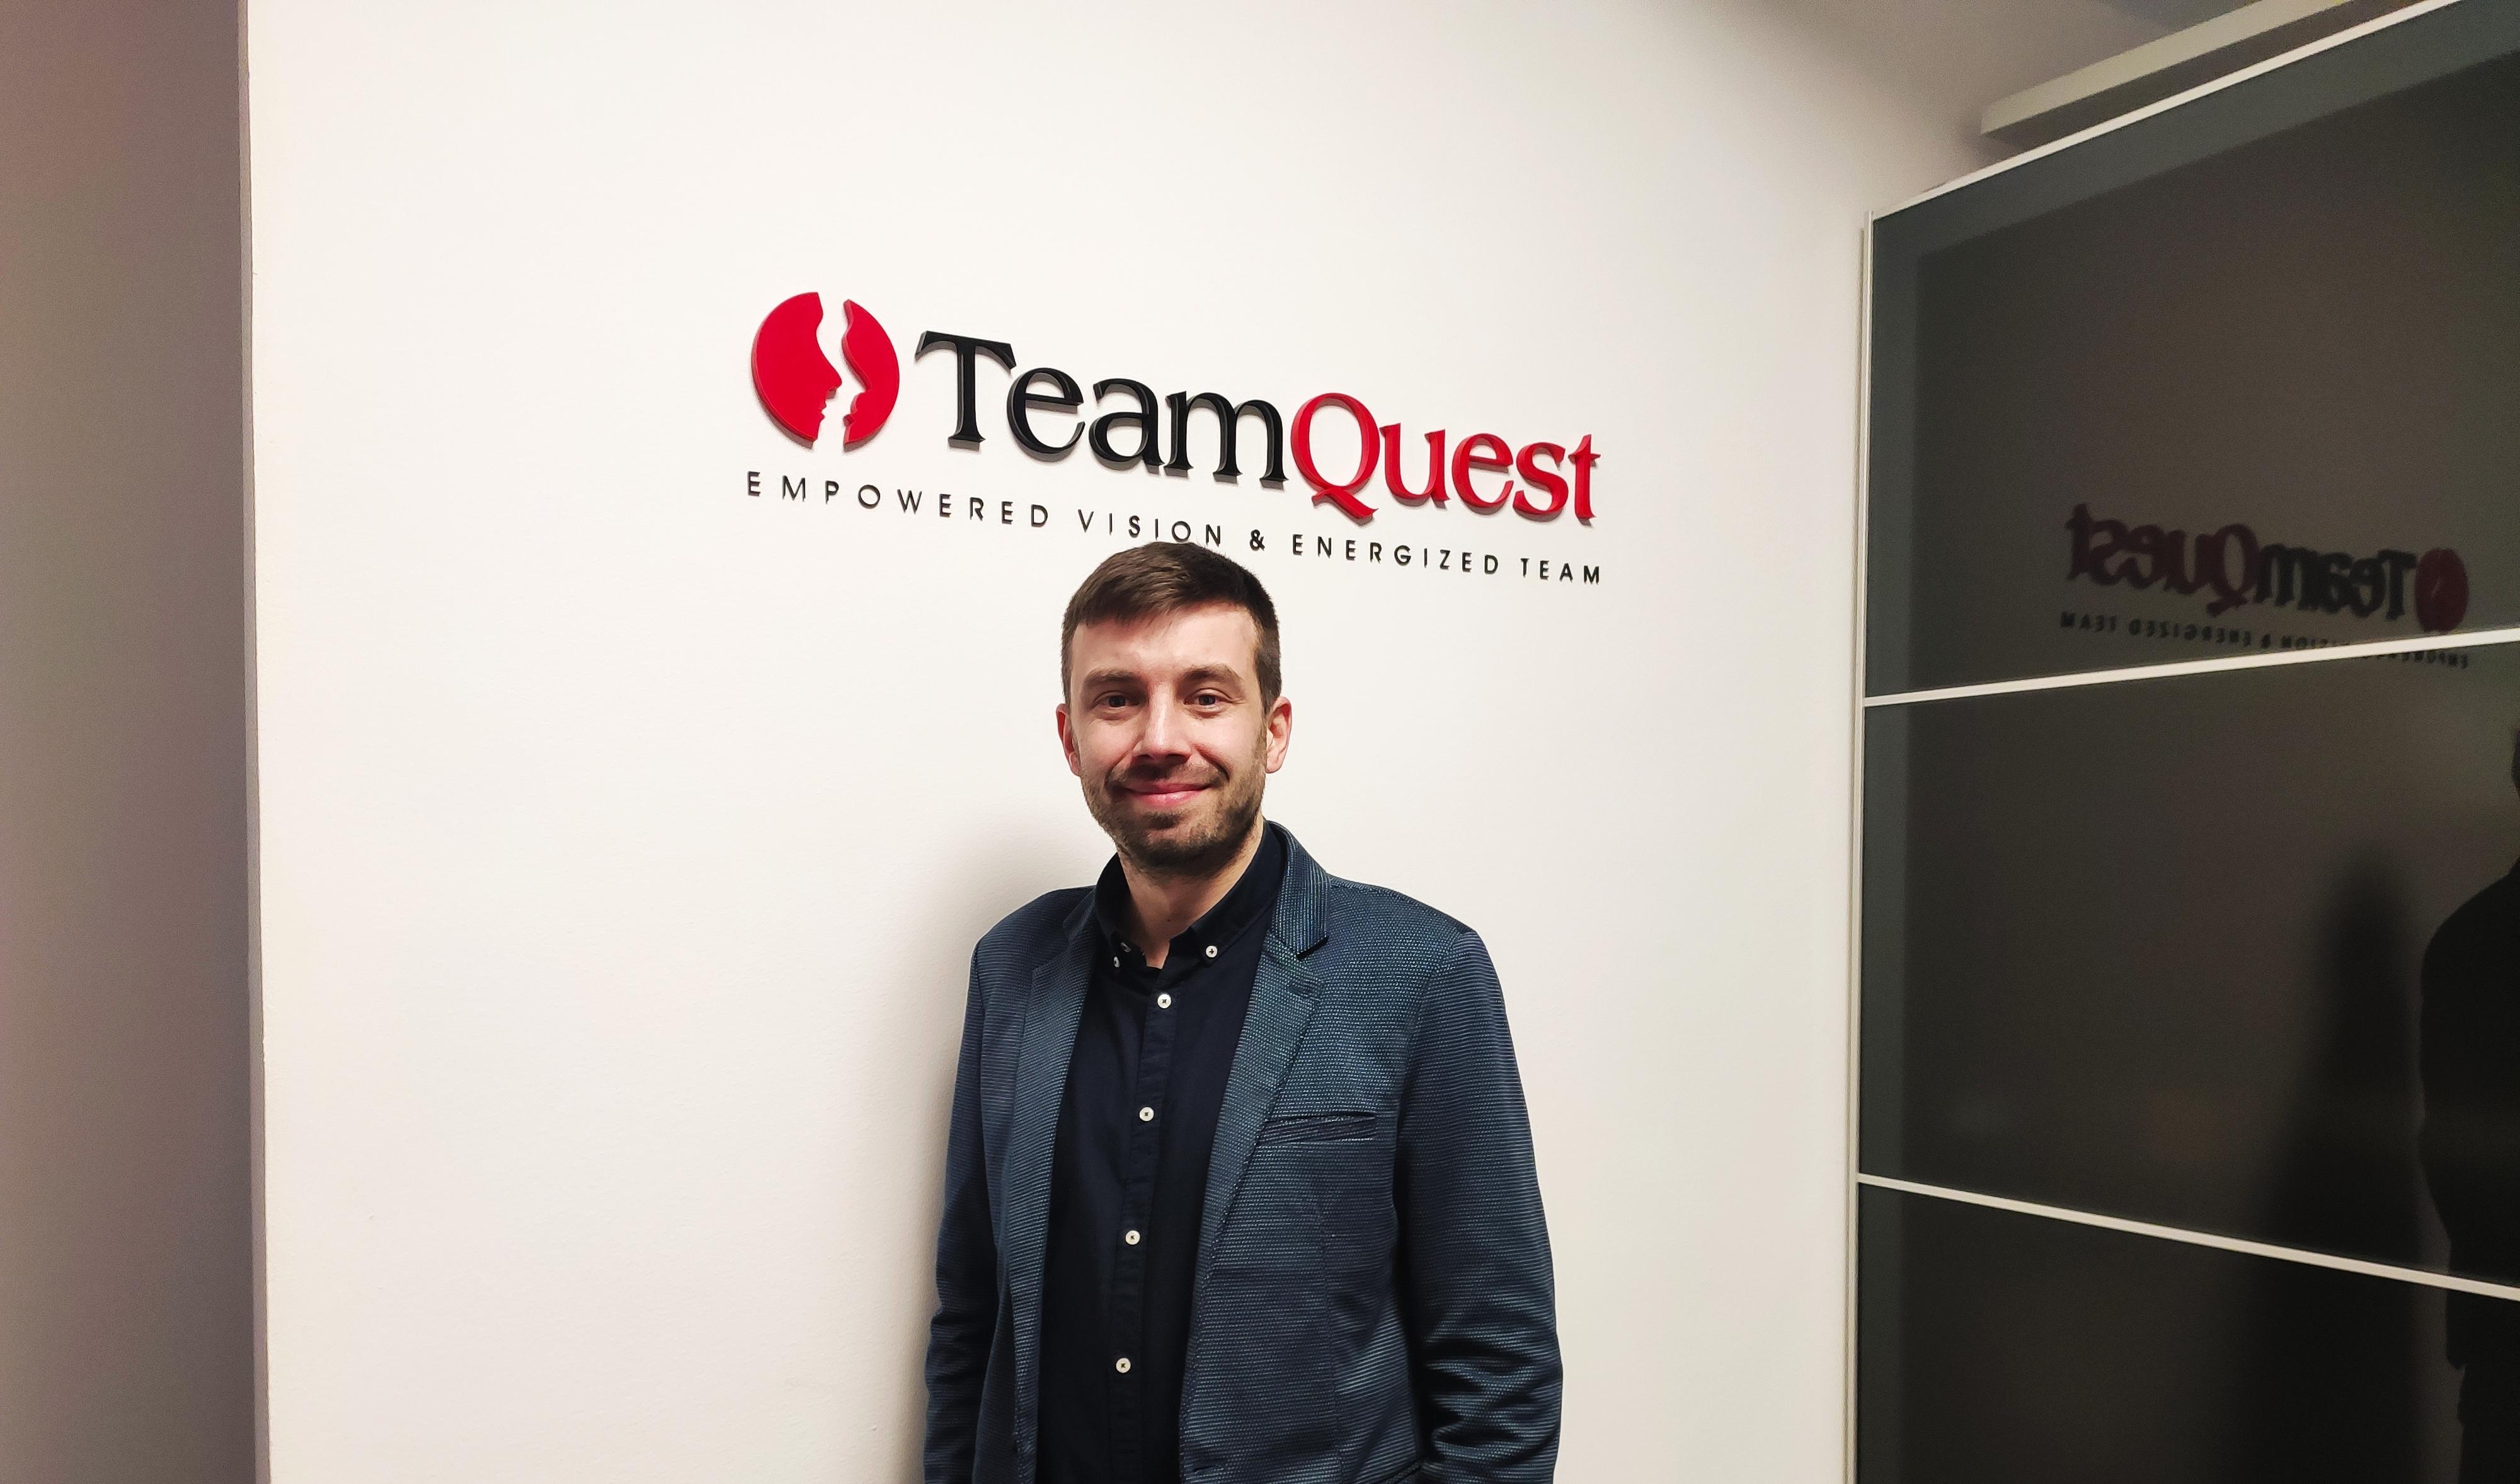 Specjaliści TeamQuest - Rafał Drozd